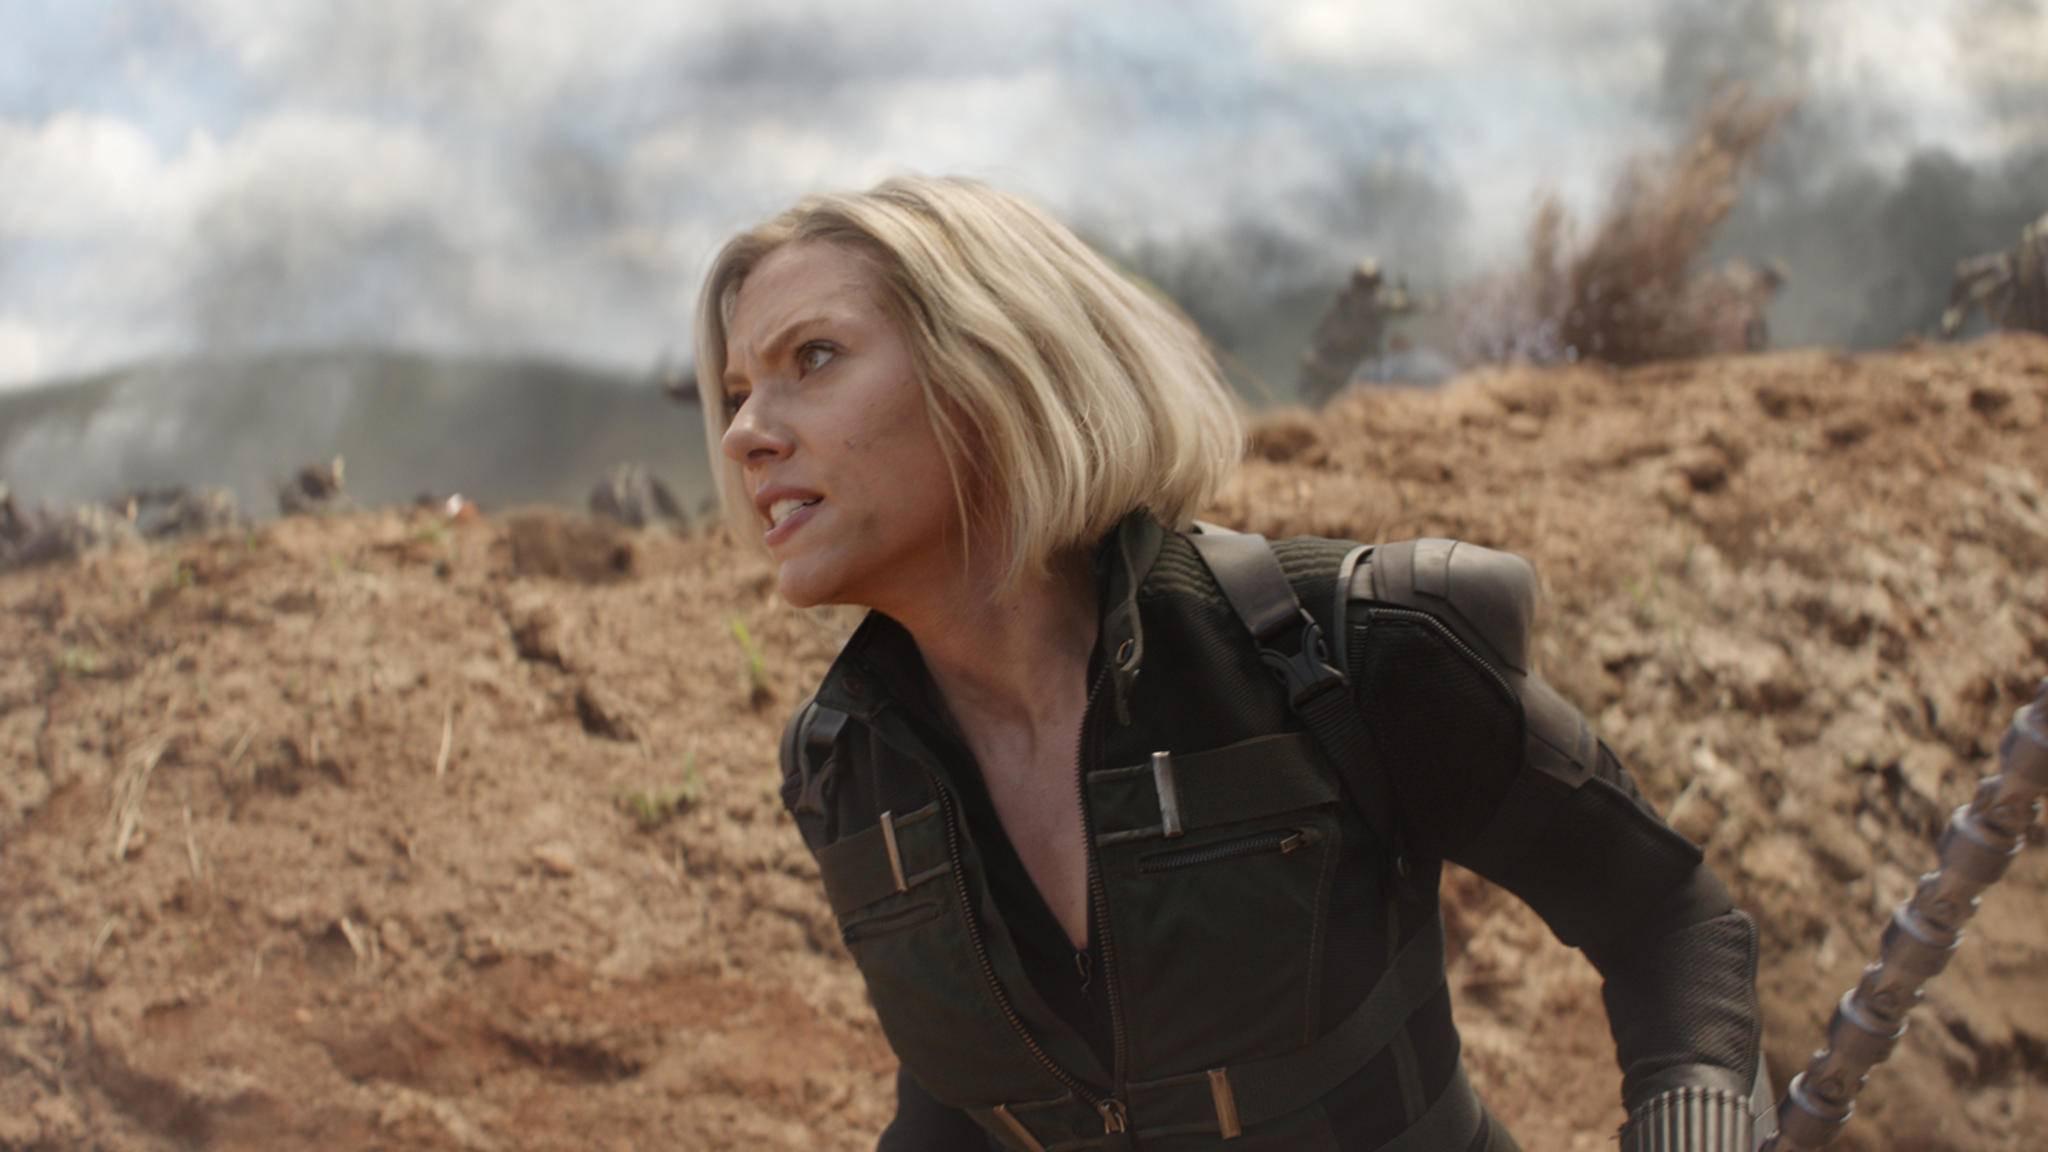 Sie ist bereit: Black Widow stürmt ihrem Solo-Auftritt entgegen.